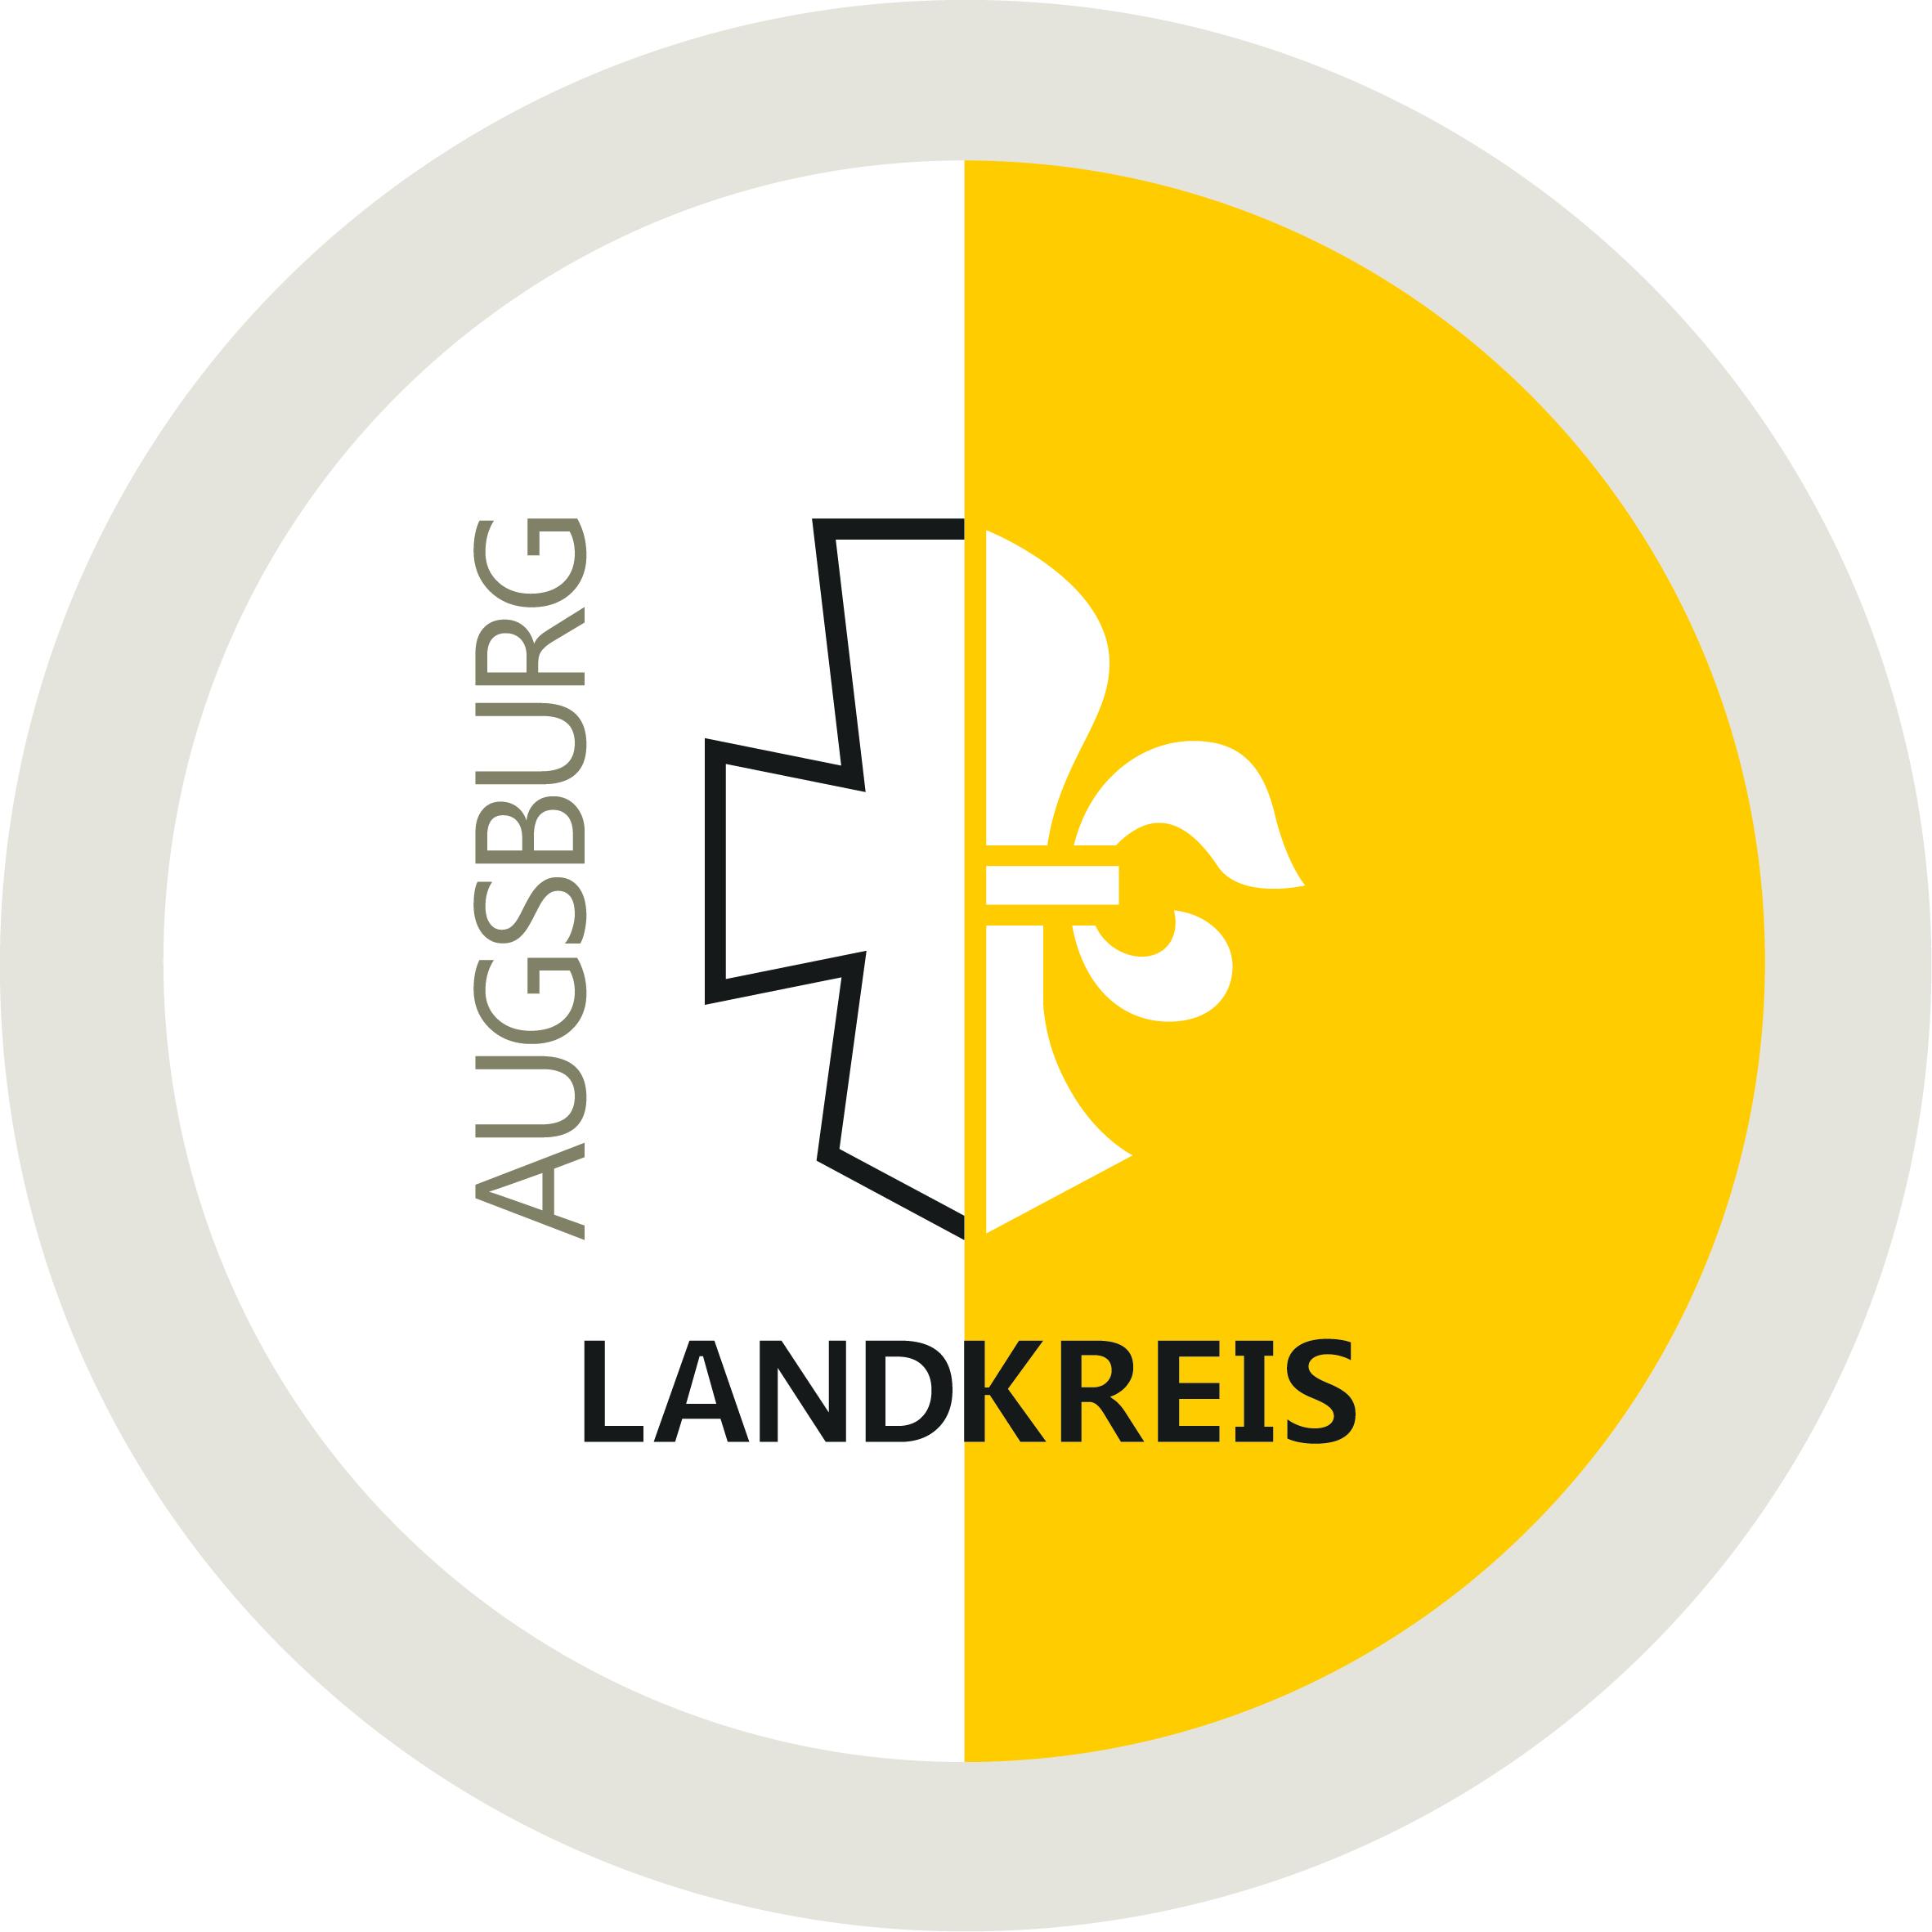 Wettbewerb zur Förderung der Baukultur im Augsburger Land